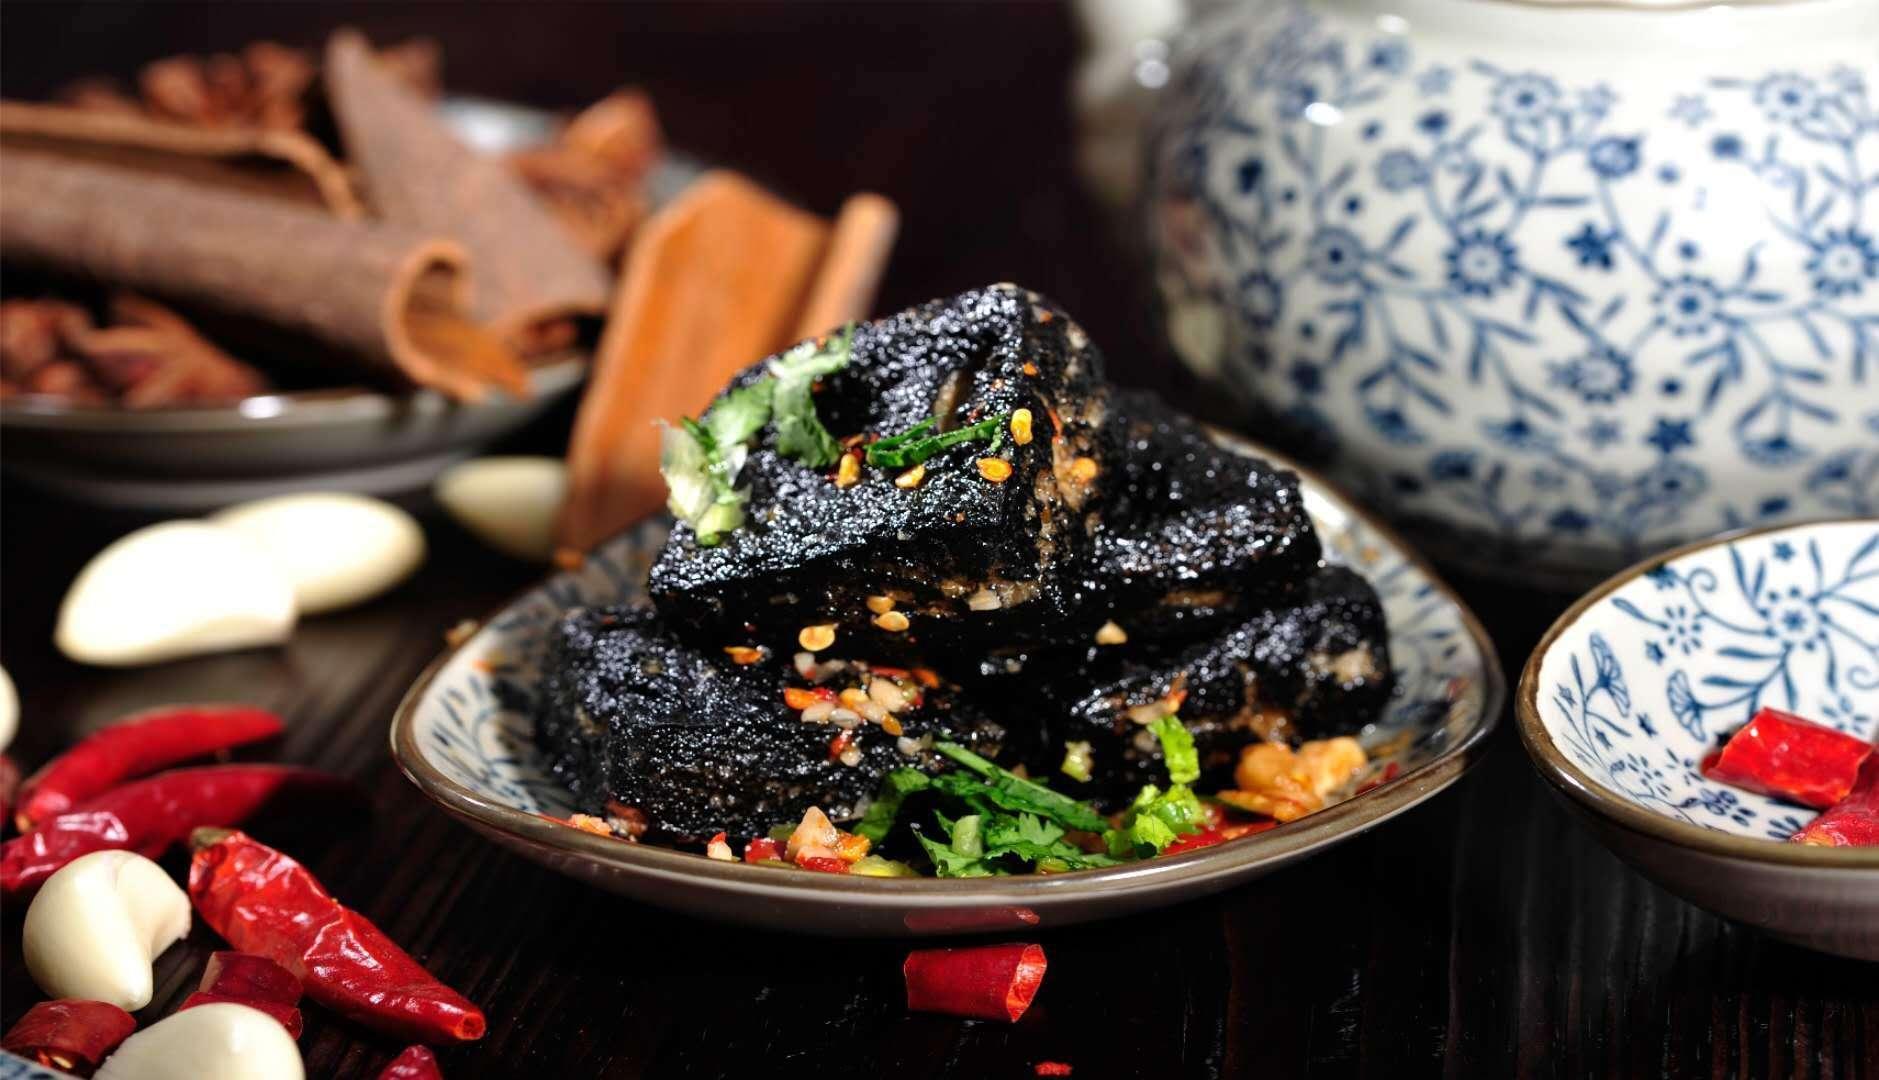 黑色经典臭豆腐,让你享受正宗长沙味15